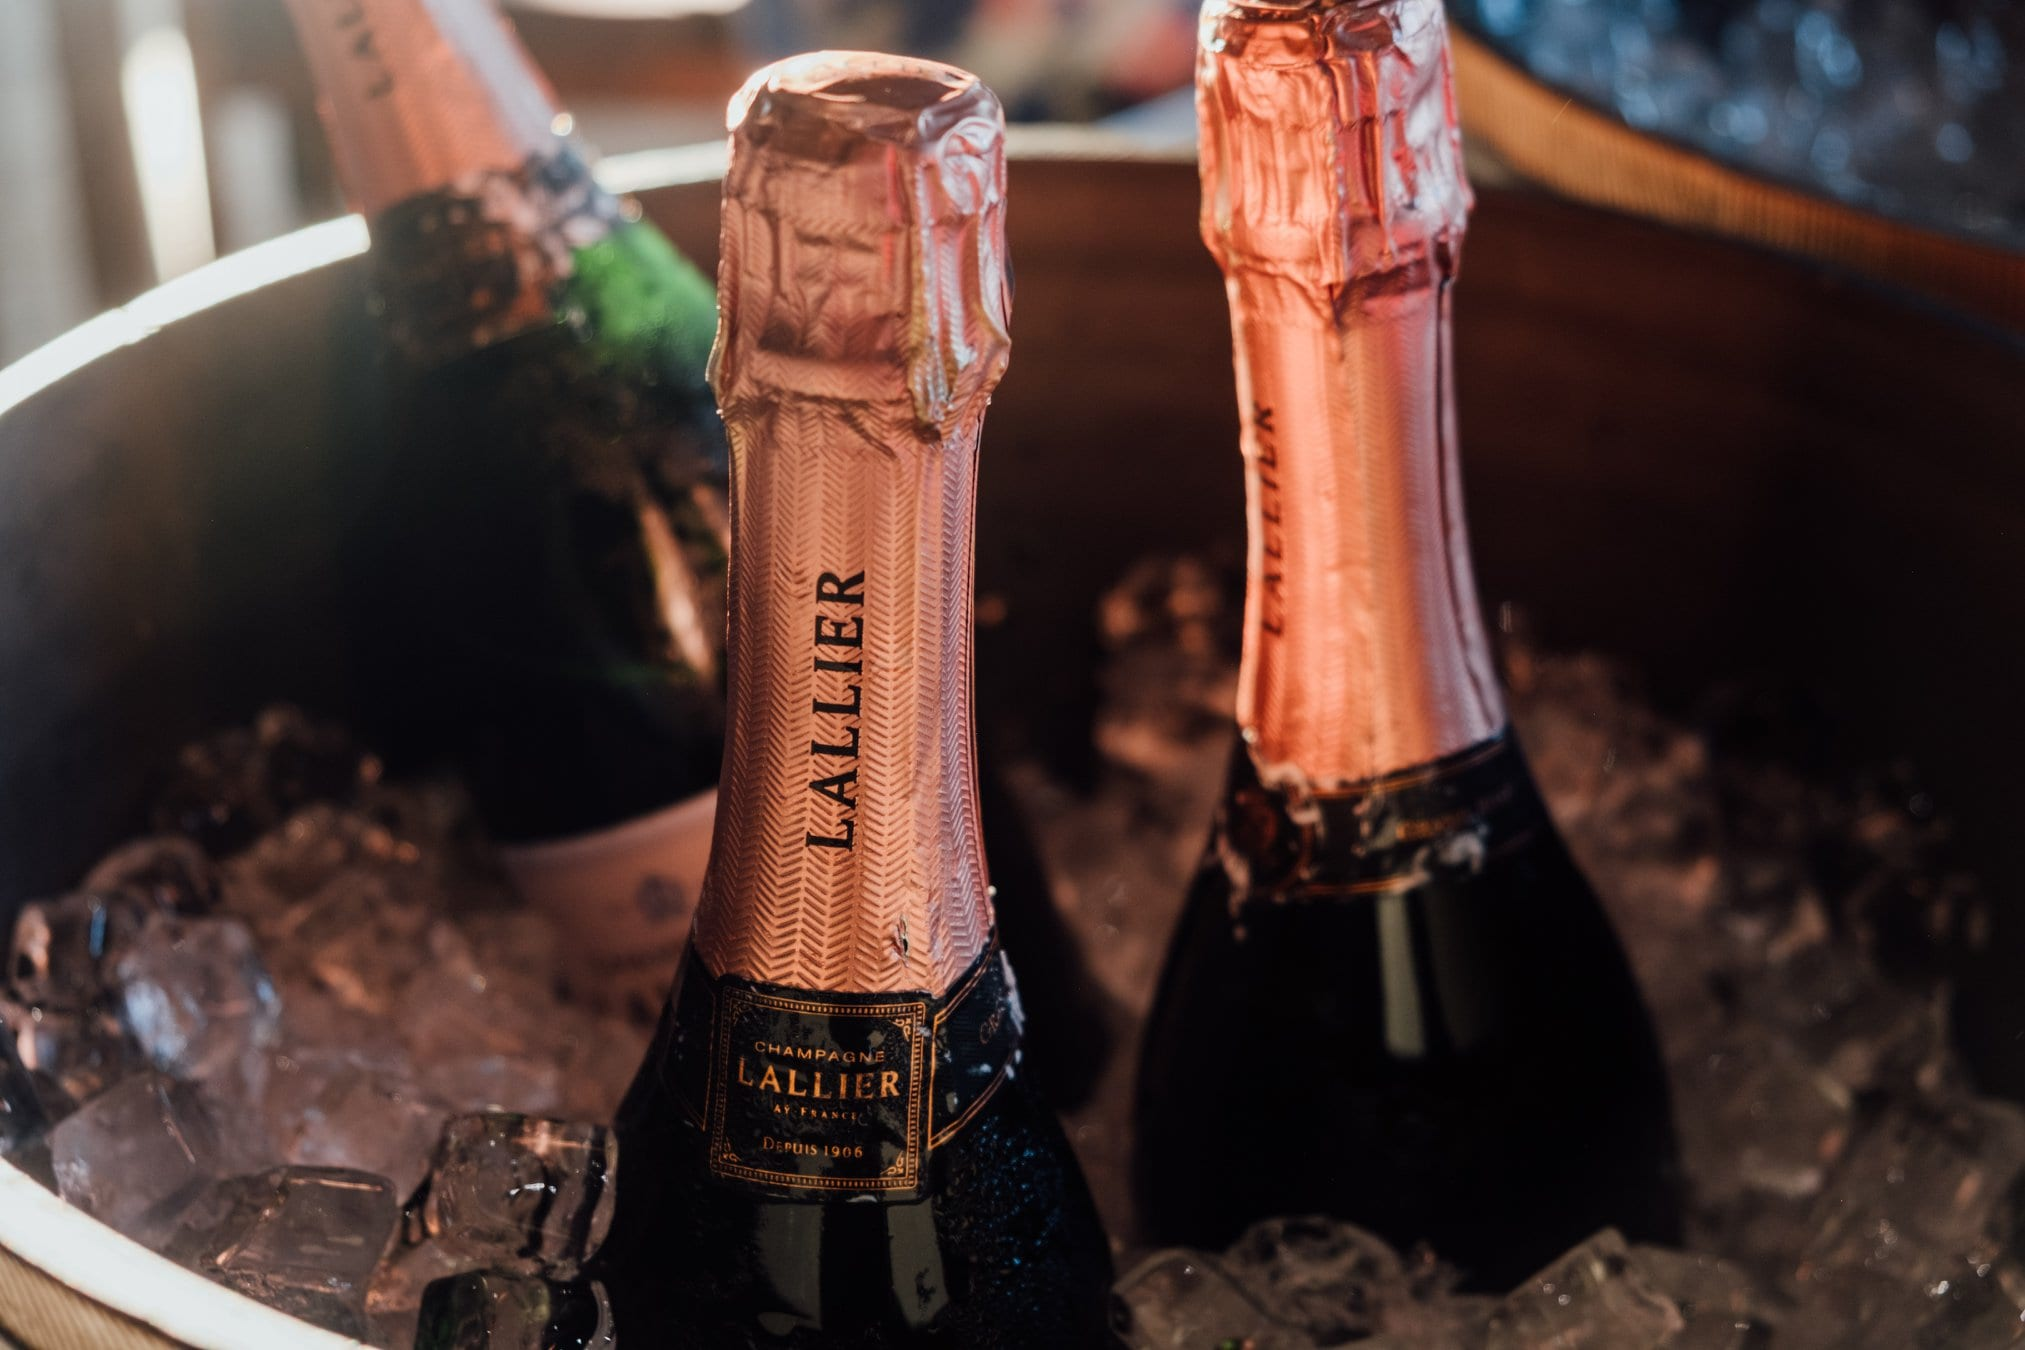 Tre bottiglie di champagne Lallier in ghiaccio